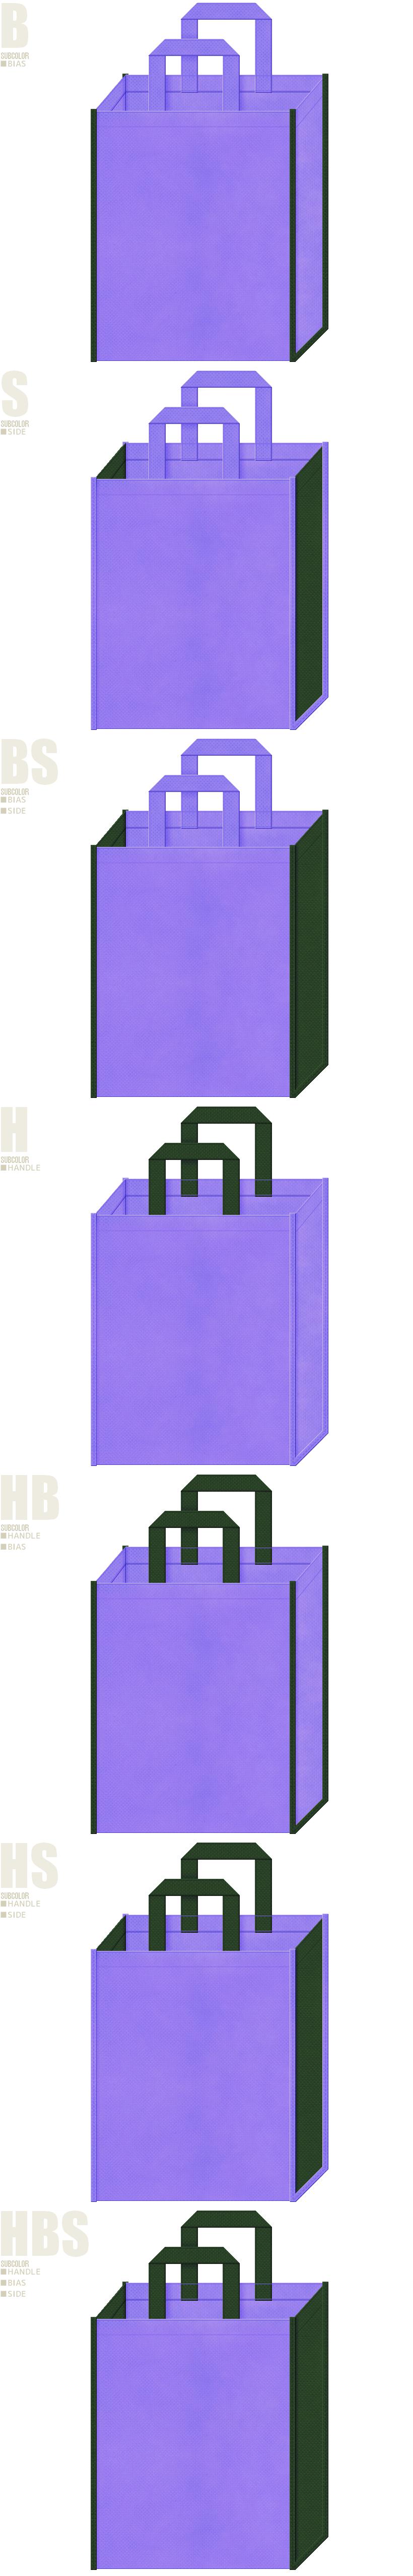 薄紫色と濃緑色の配色7パターン:不織布トートバッグのデザイン